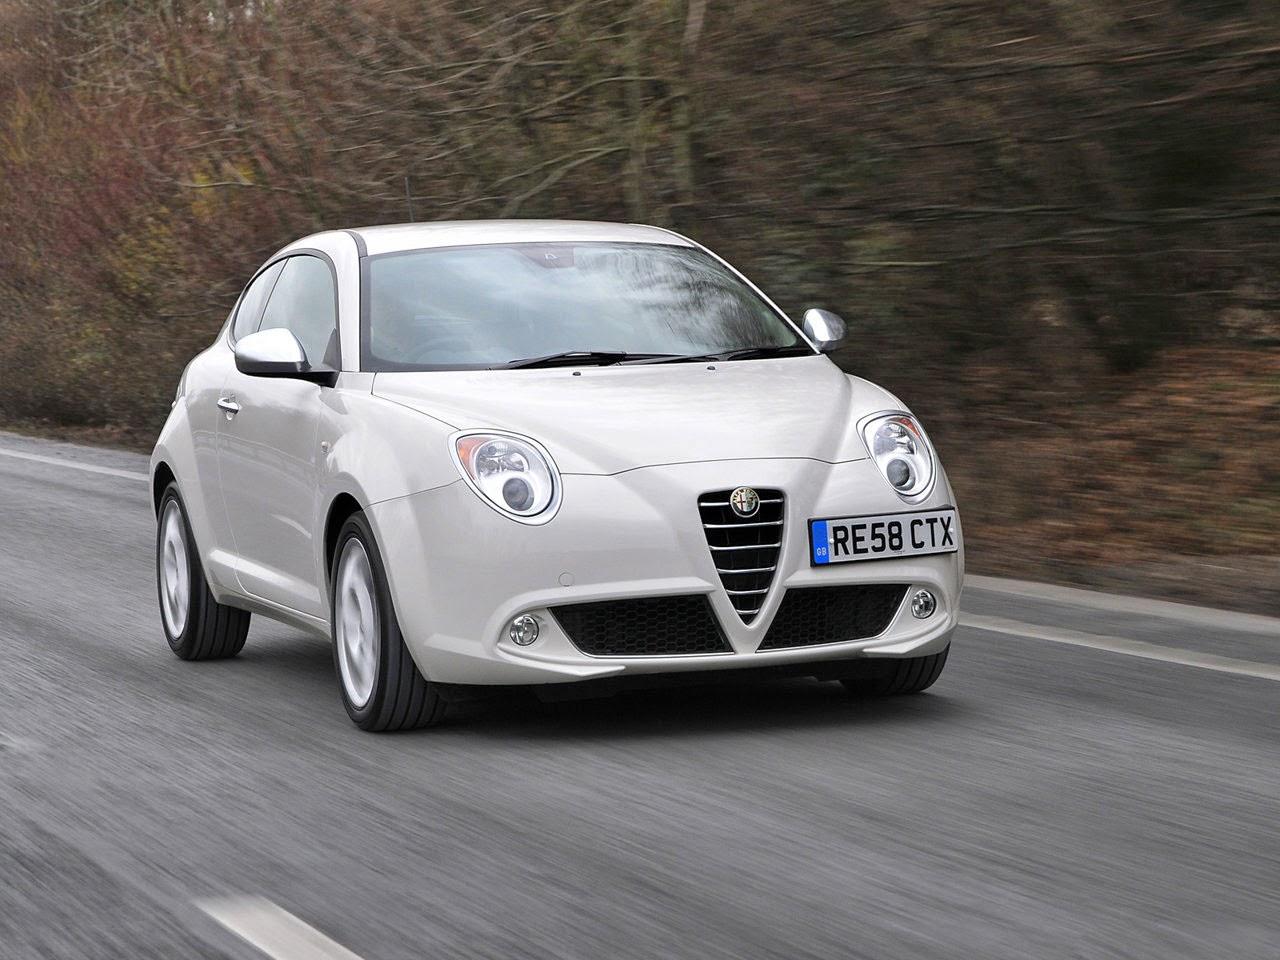 2014 Alfa Romeo Mito Image